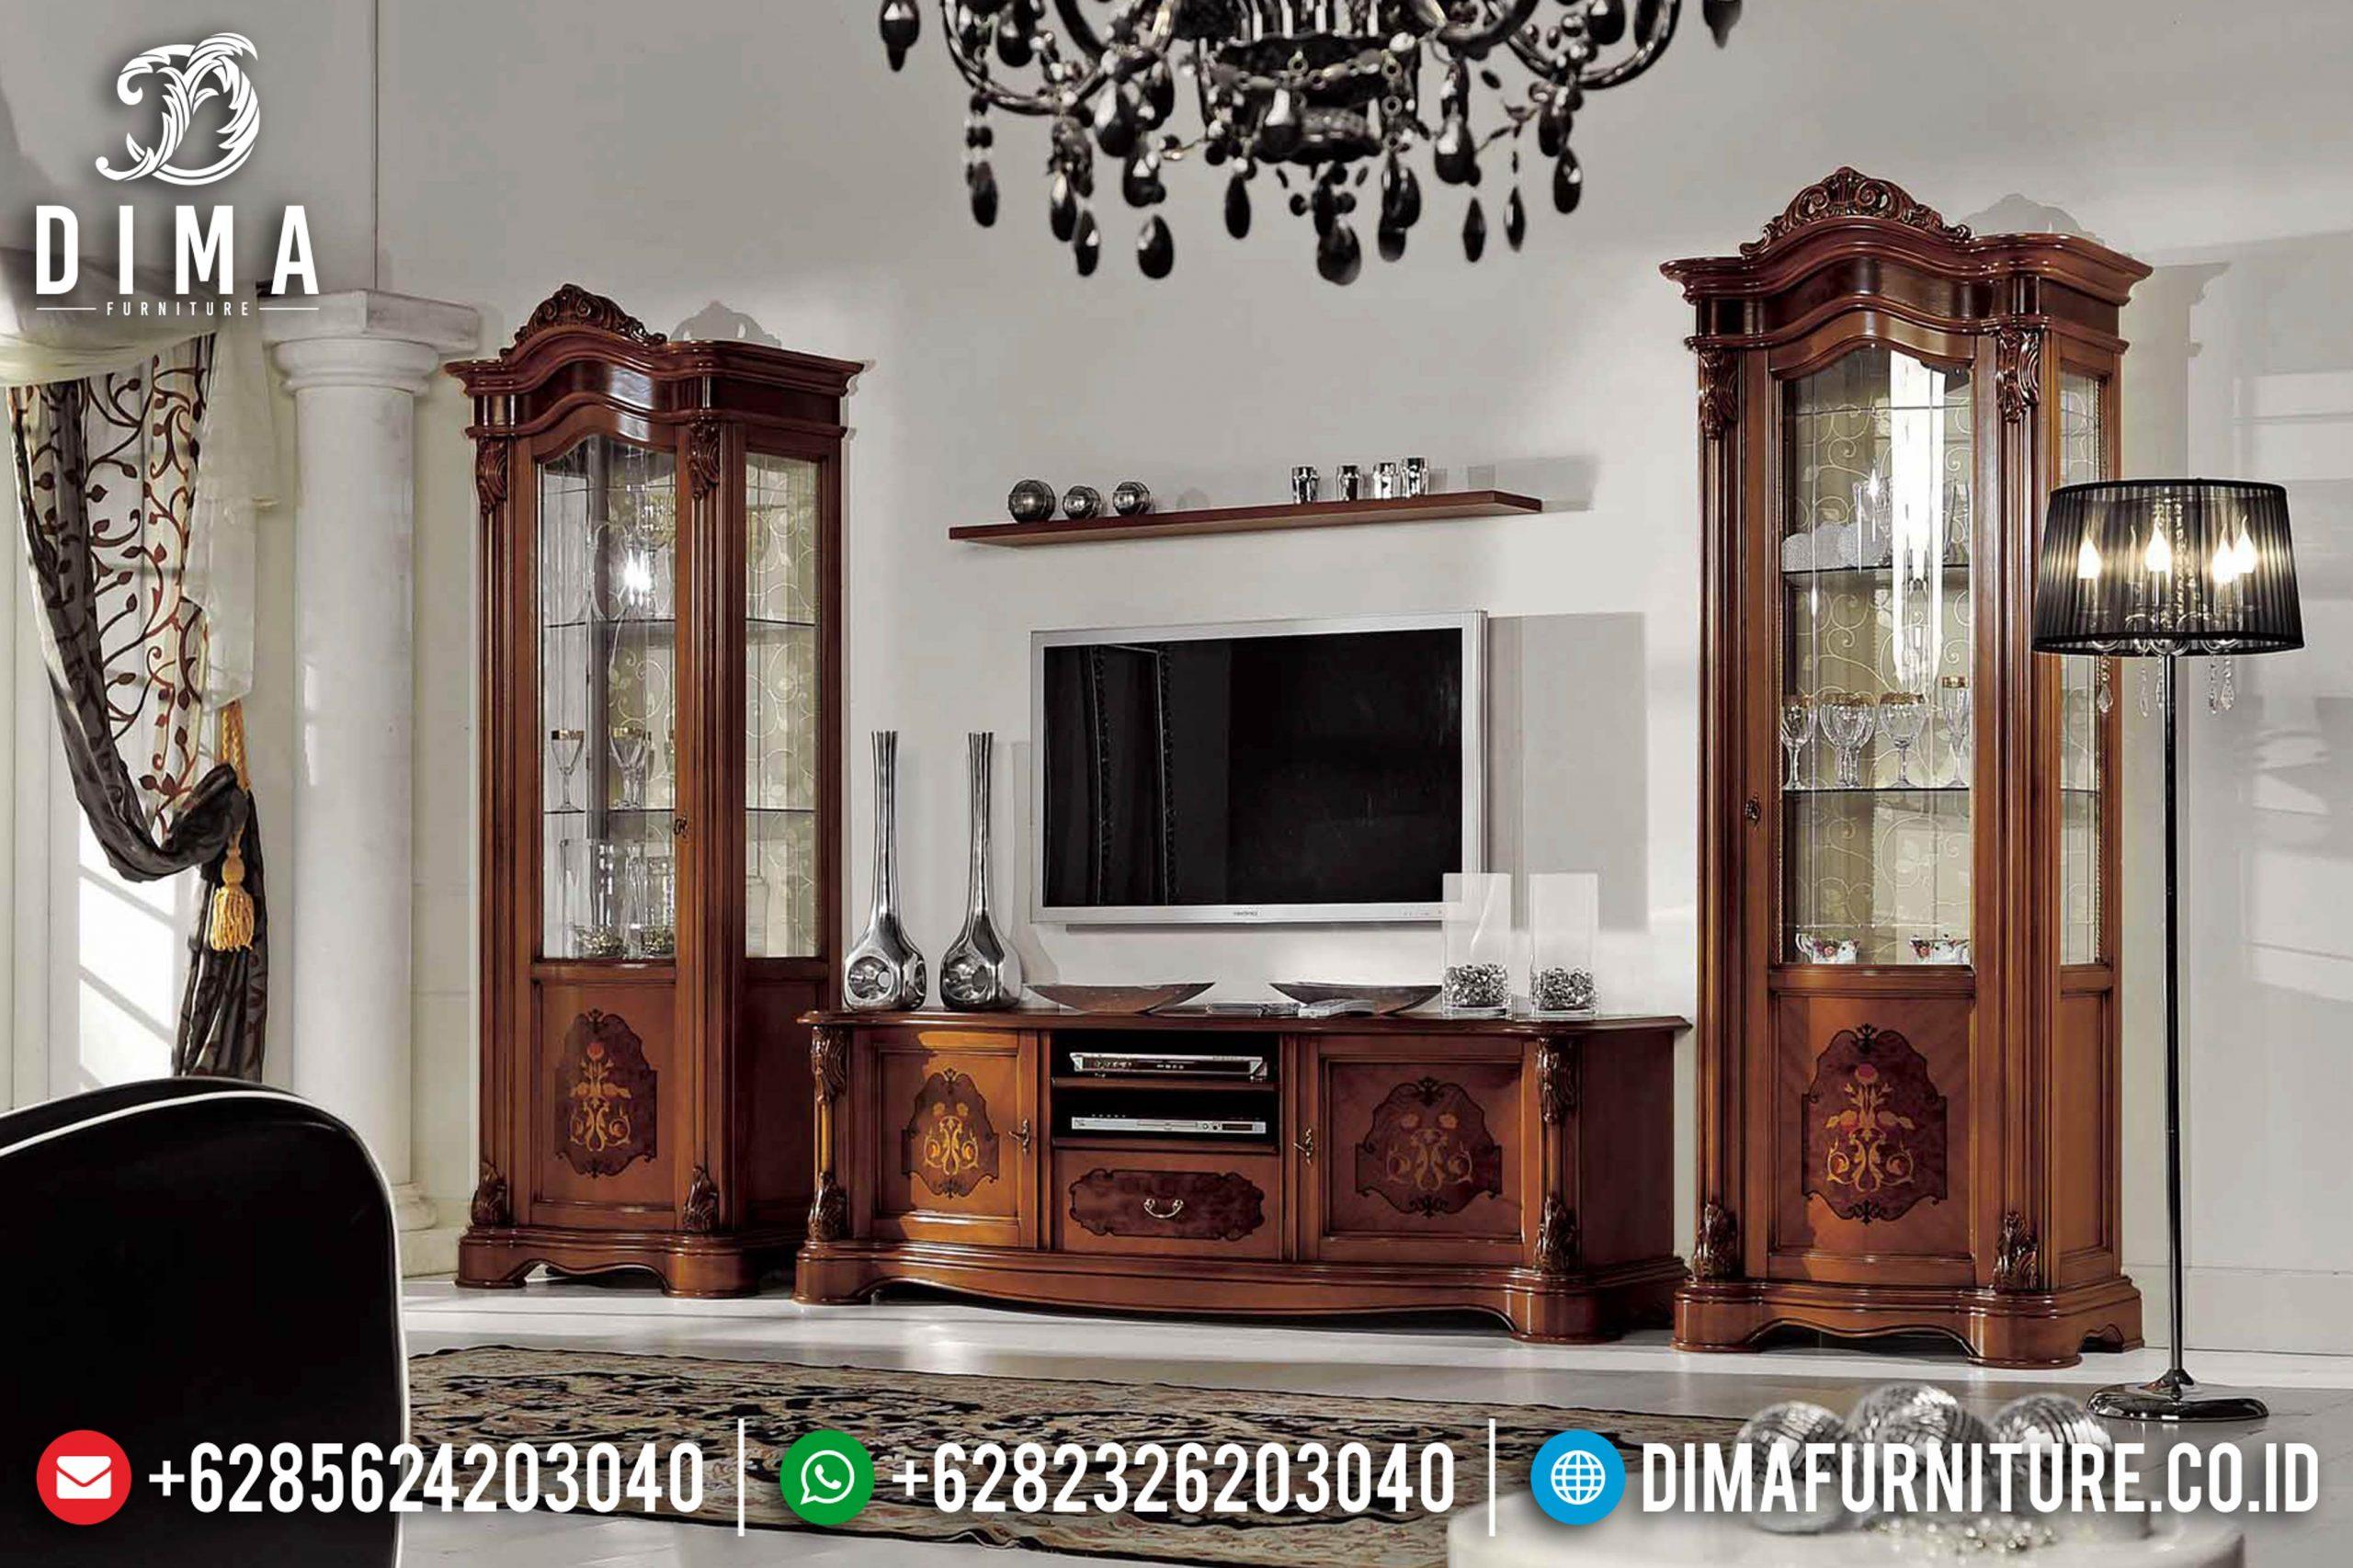 Set Bufet Tv Jati Klasik Mebel Jepara Mewah Terbaru MM-0527